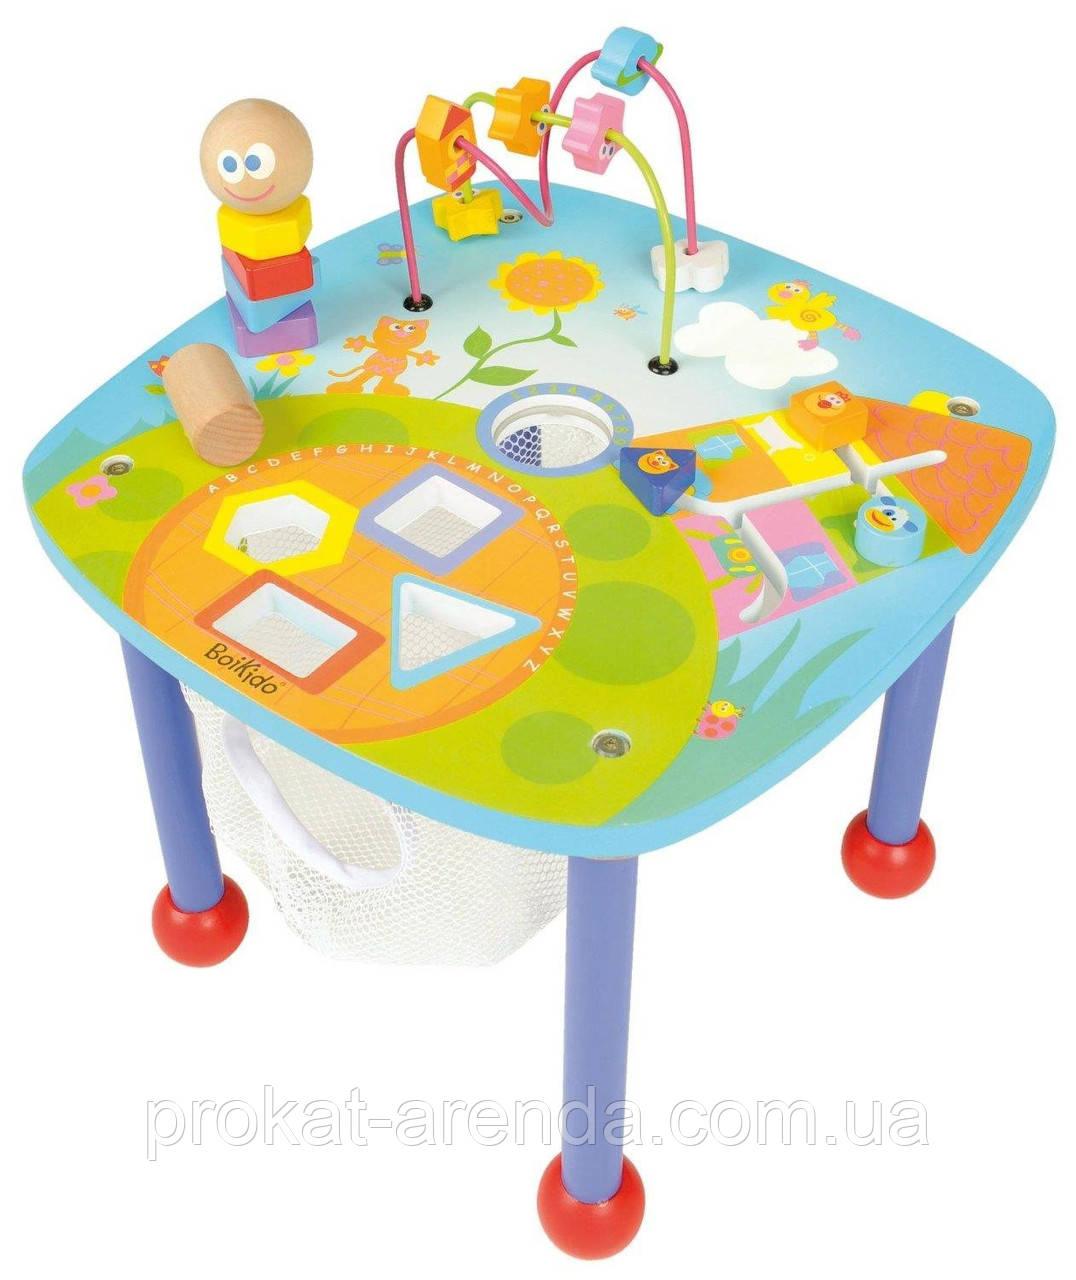 Игровой, развивающий столик